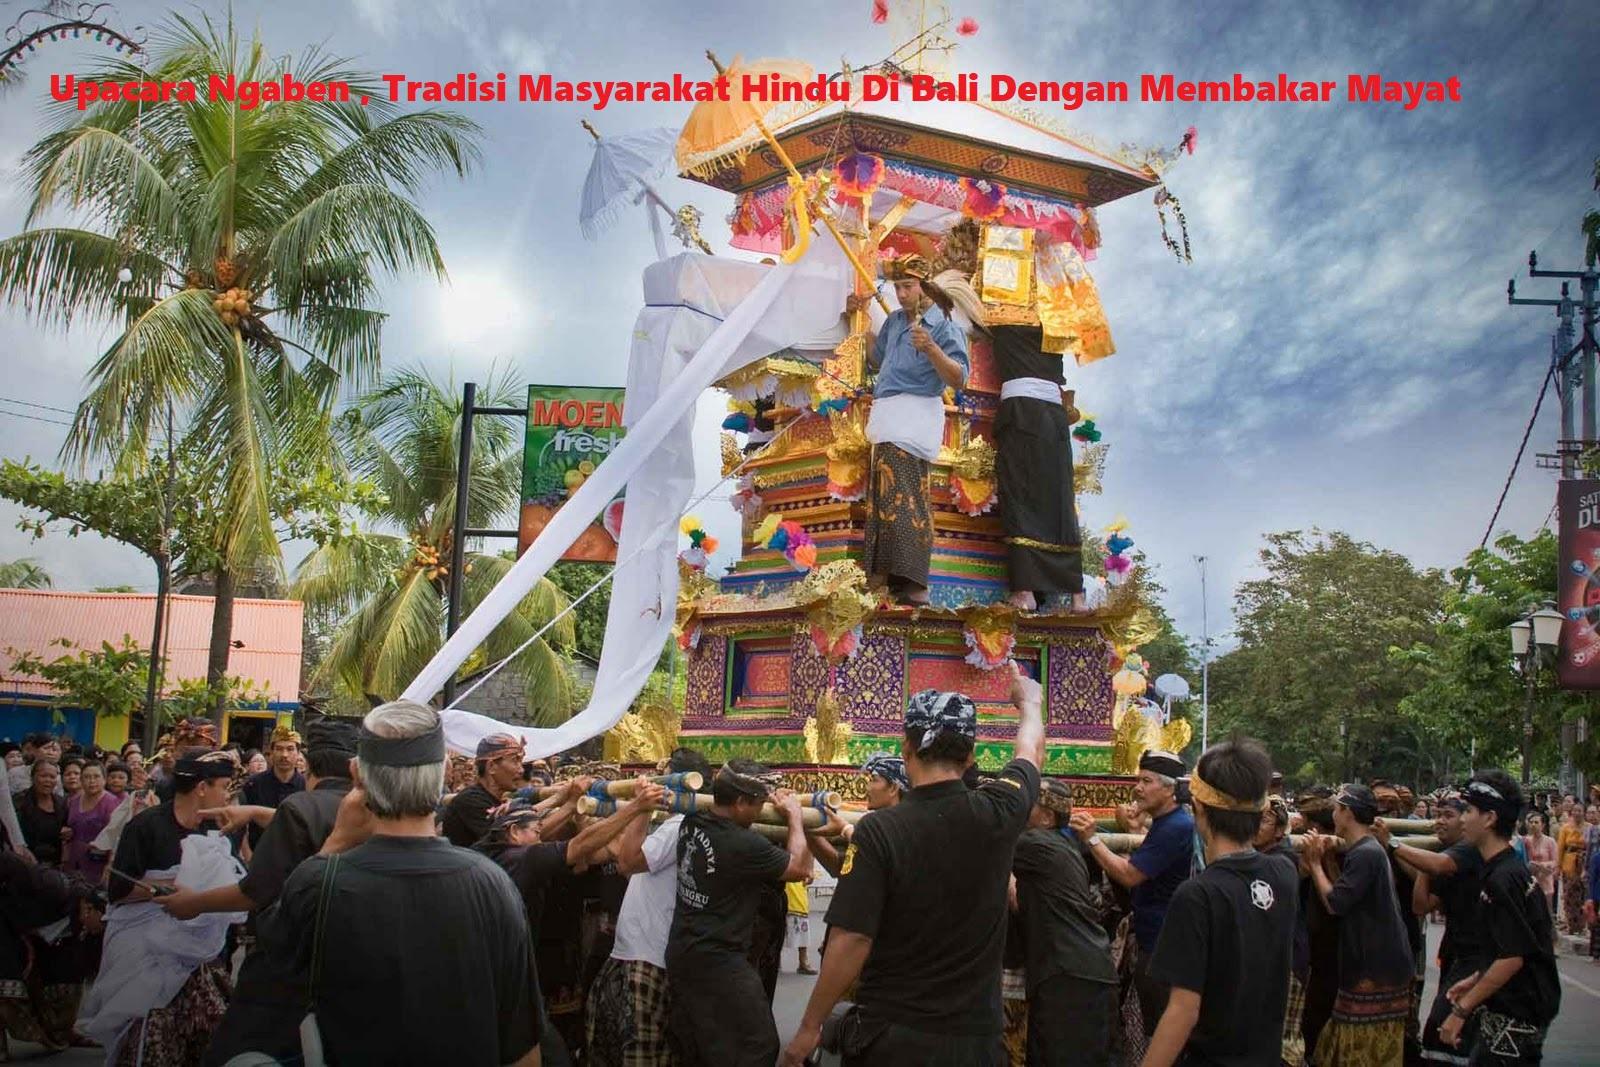 Upacara Ngaben , Tradisi Masyarakat Hindu Di Bali Dengan Membakar Mayat